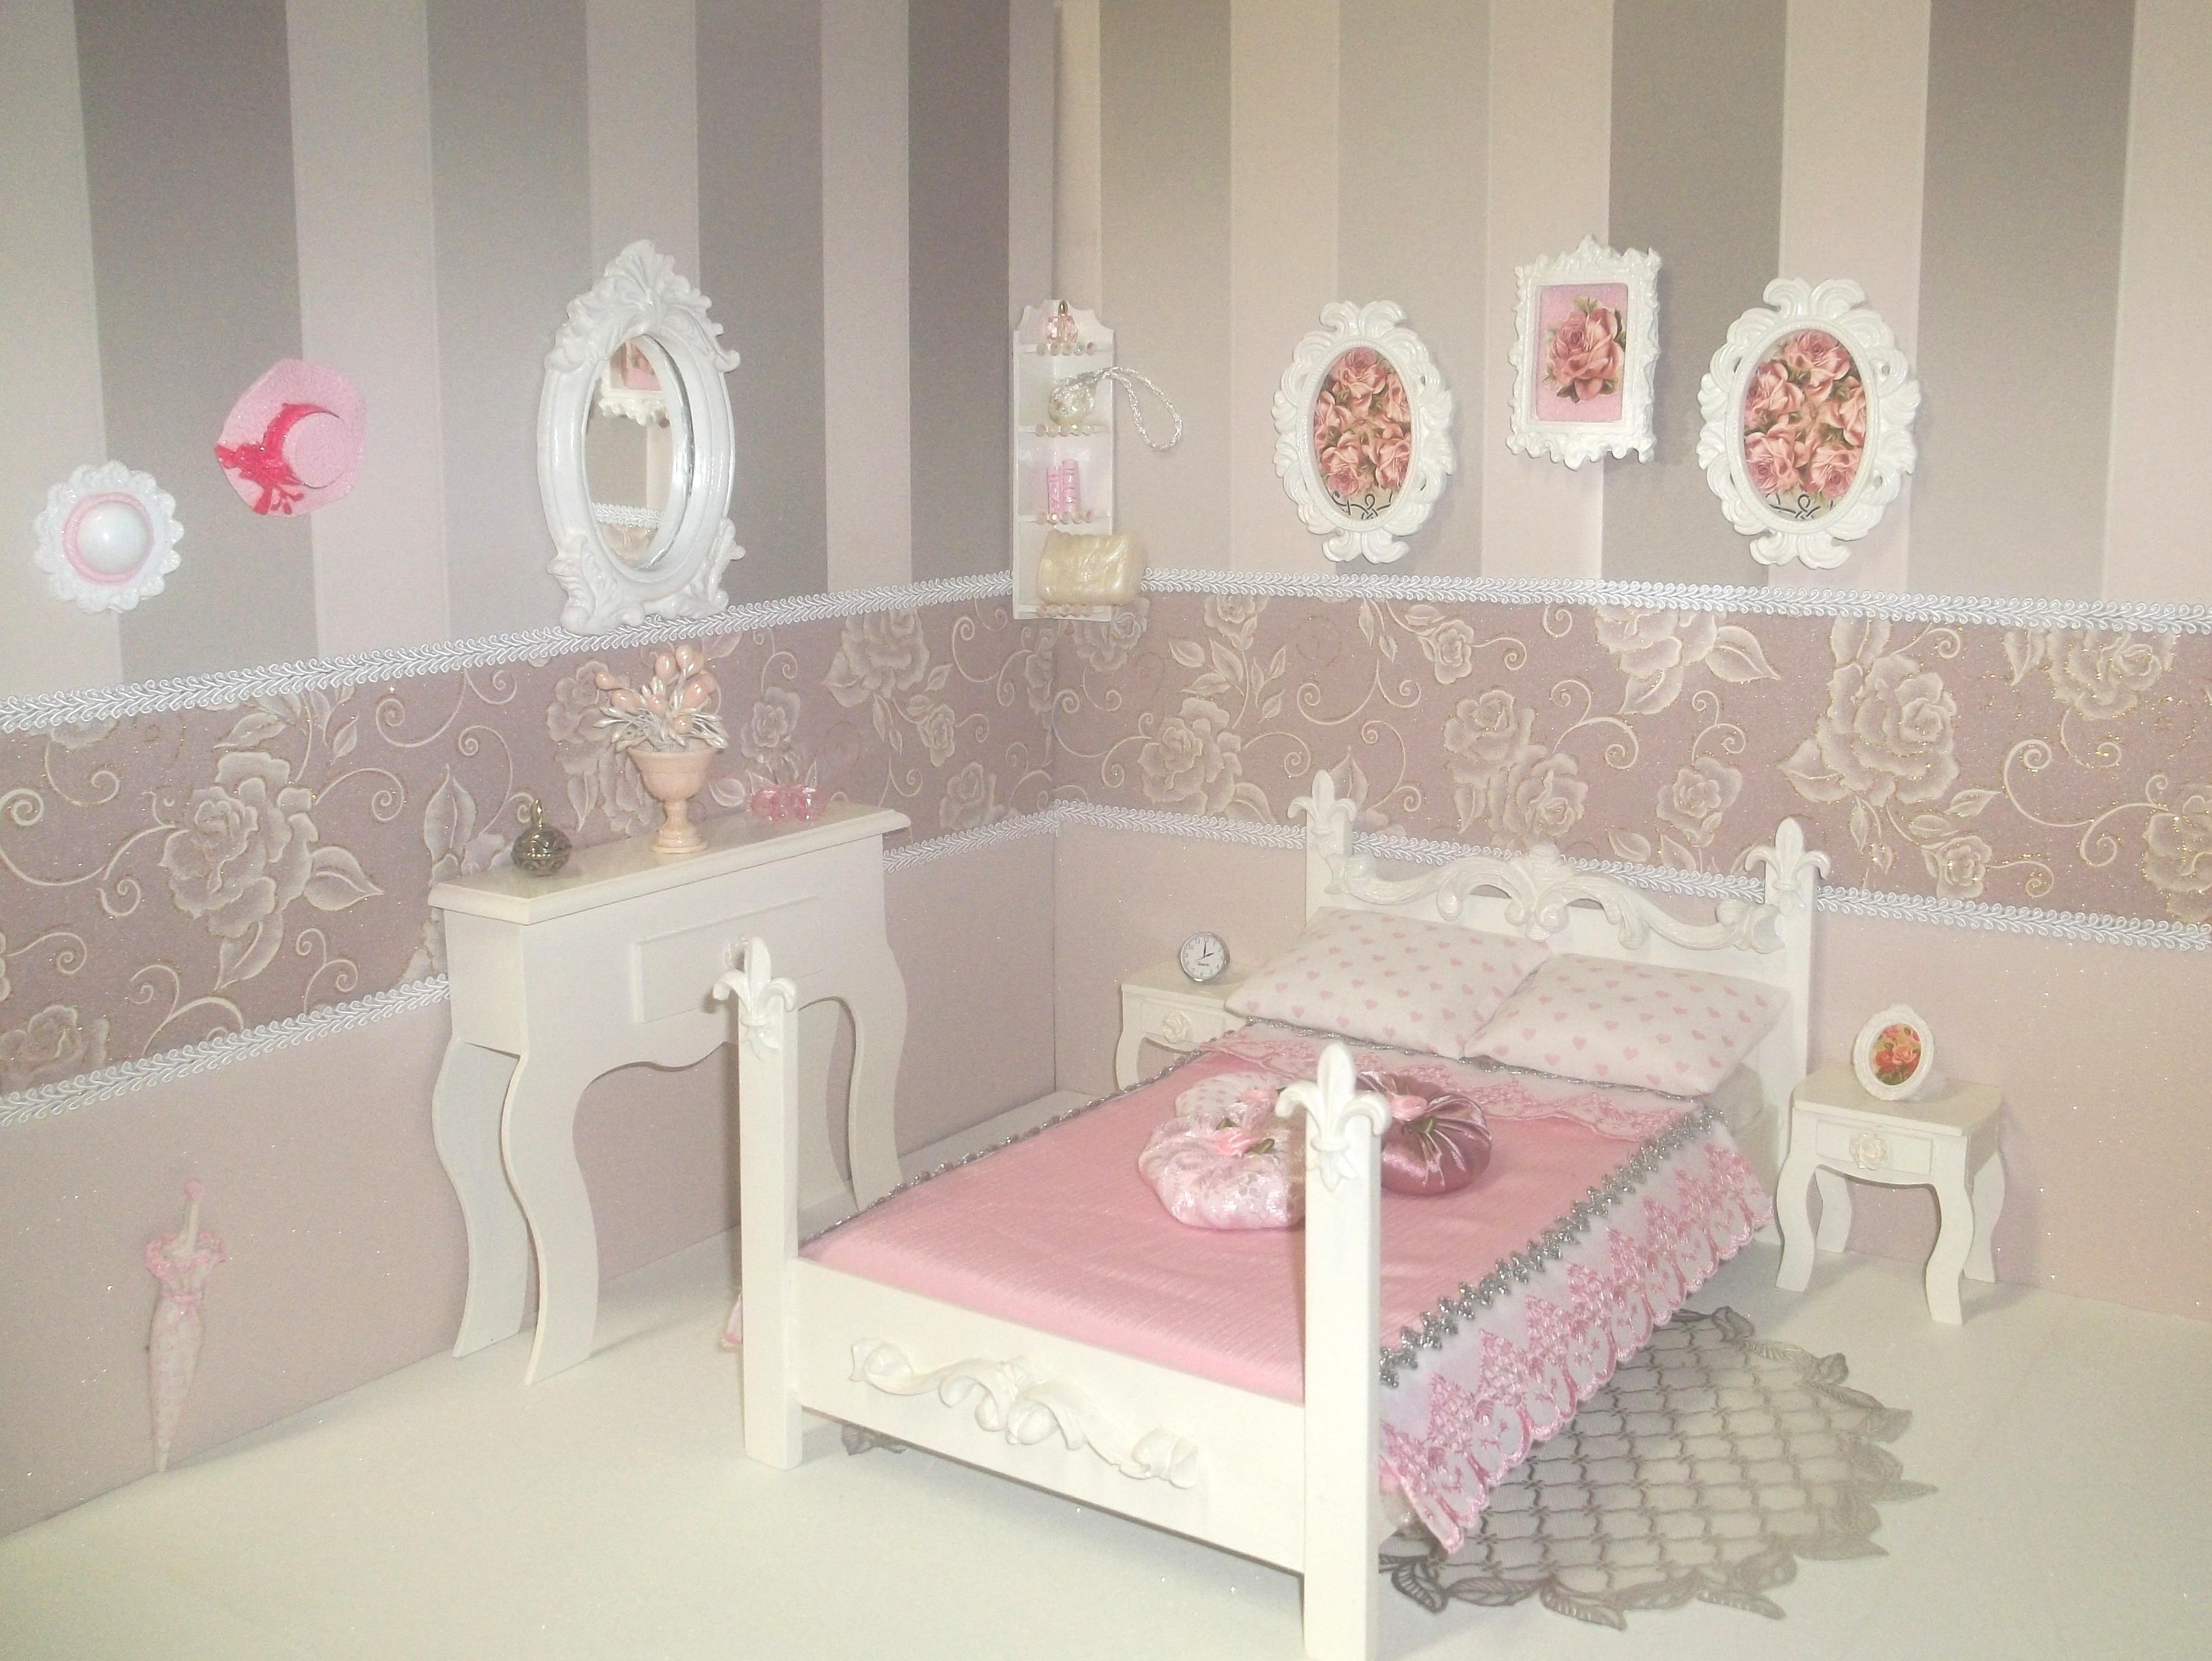 quarto provencal para barbie 02 moveis para casa de boneca #A82340 4092x3073